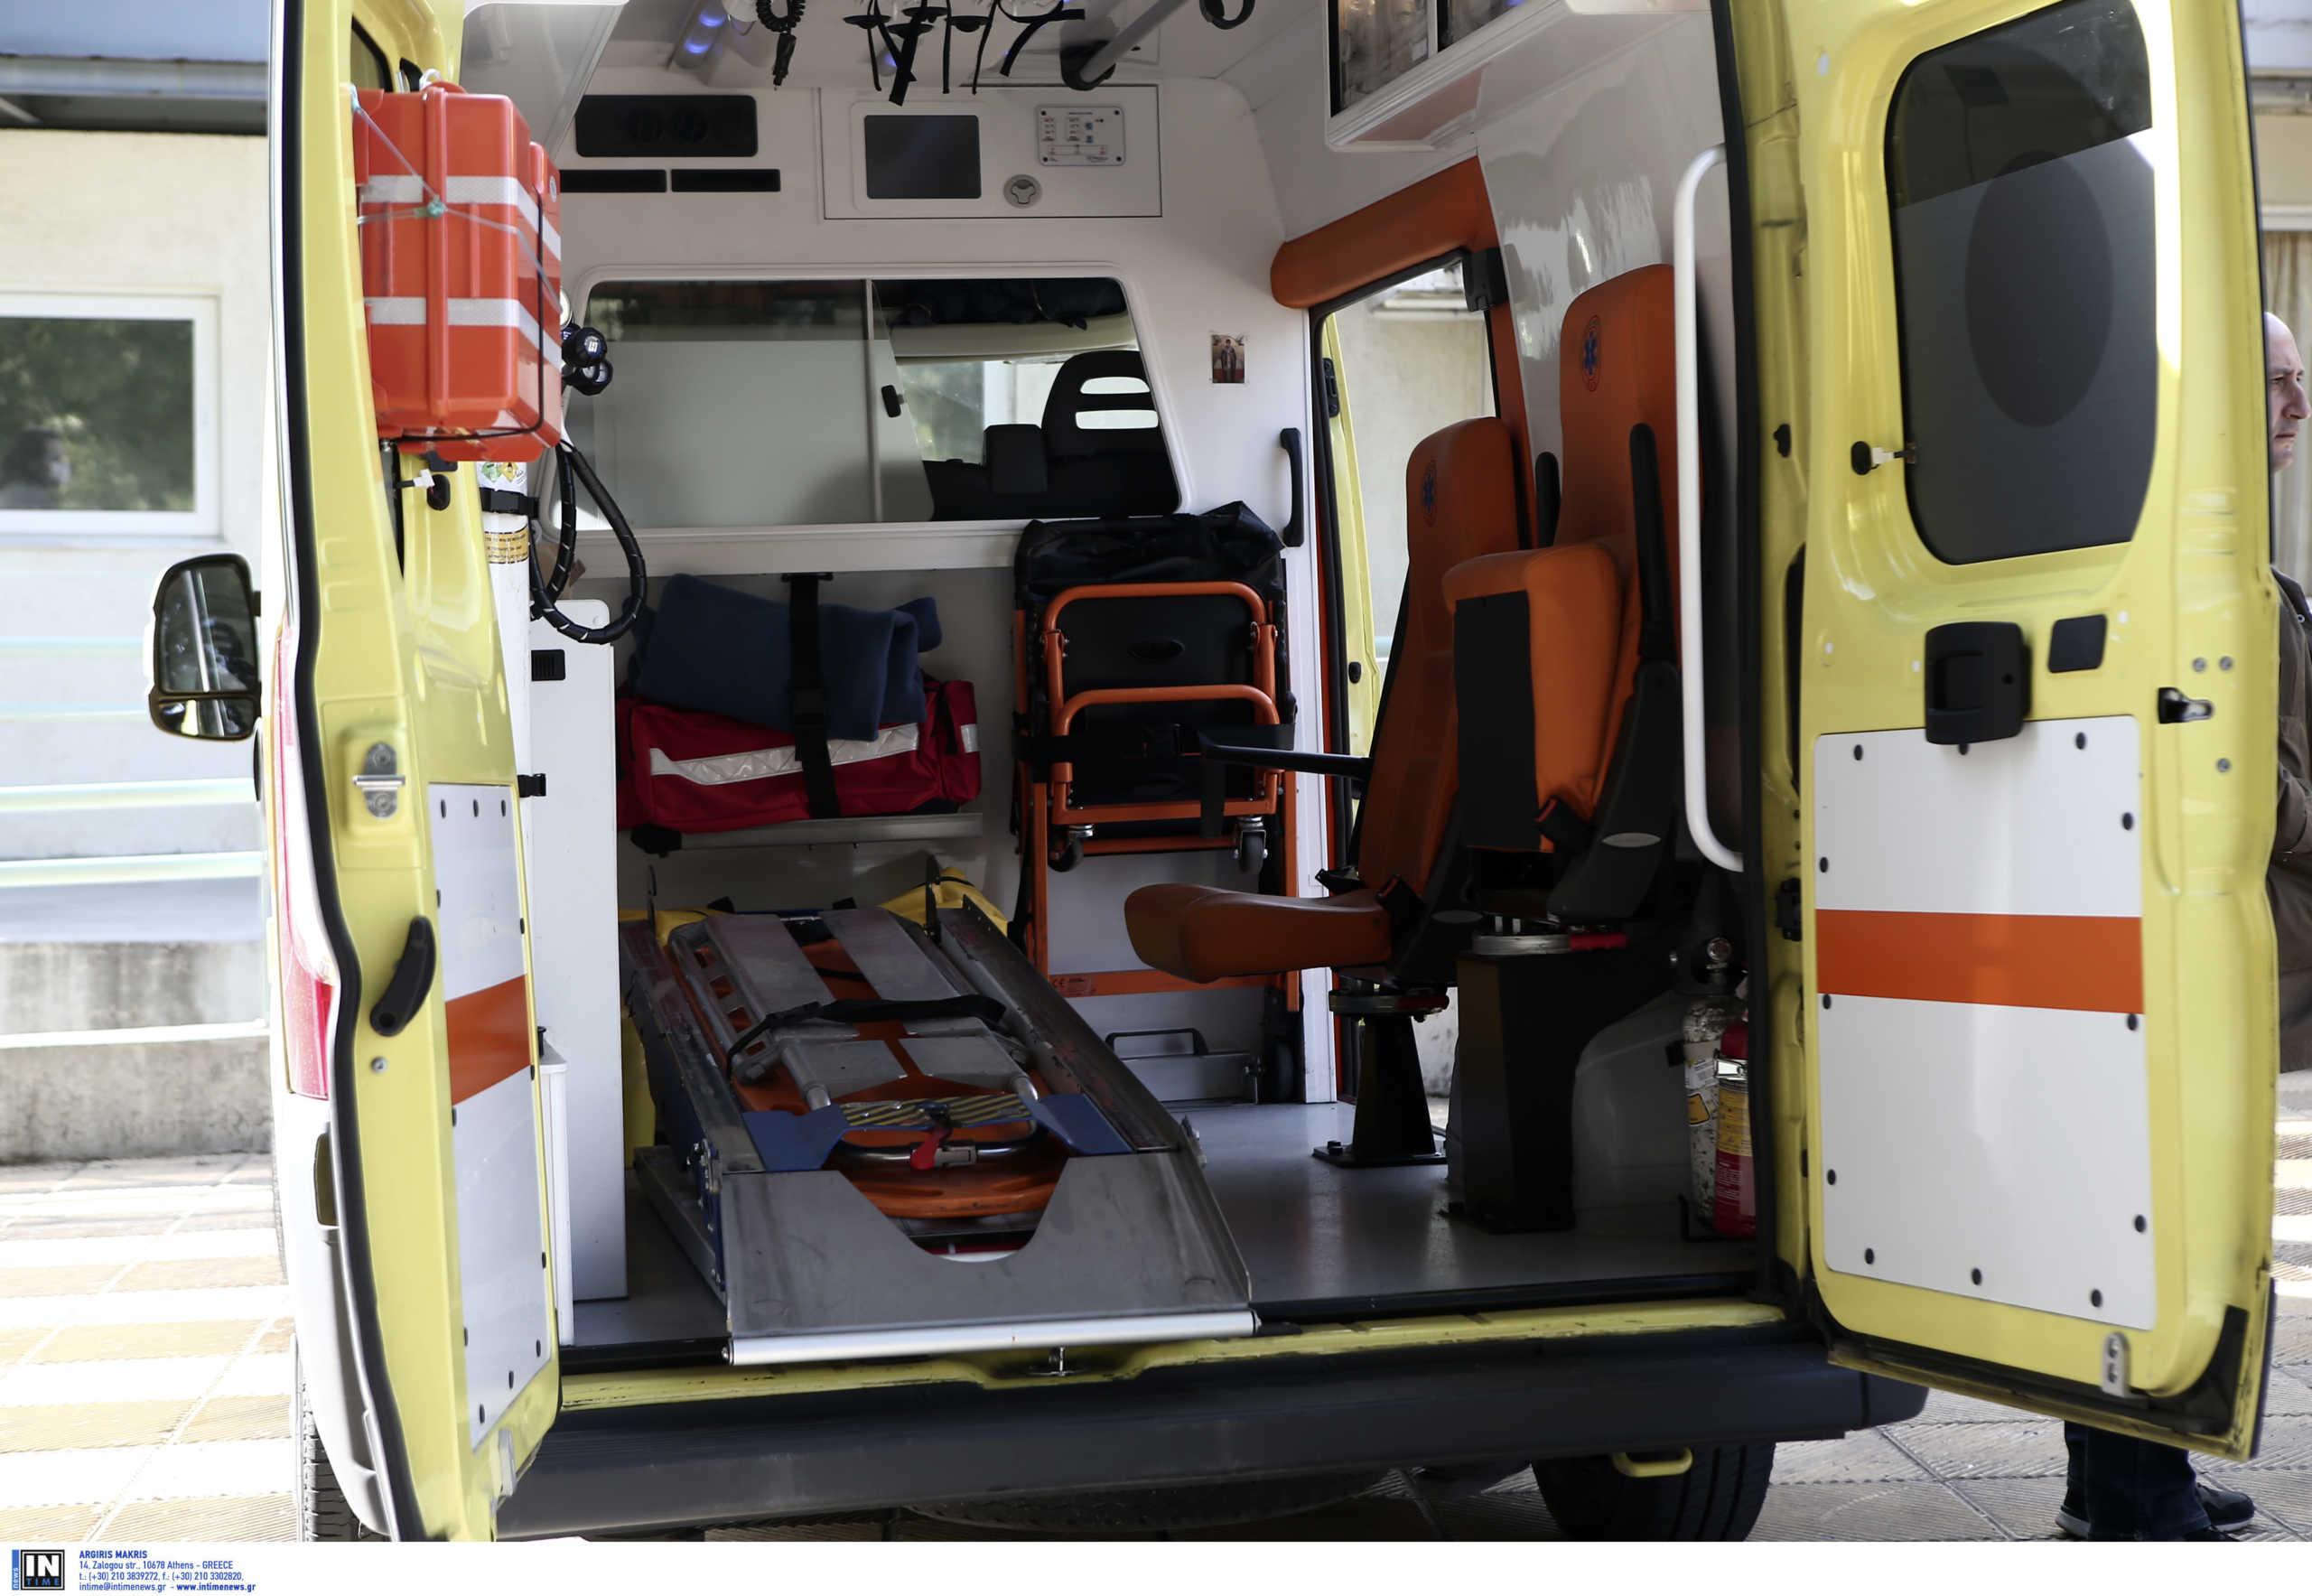 Βόλος: Συγκλονίζει η αυτοκτονία πασίγνωστου καρδιολόγου! Σκηνές αρχαίας τραγωδίας στο σπίτι του